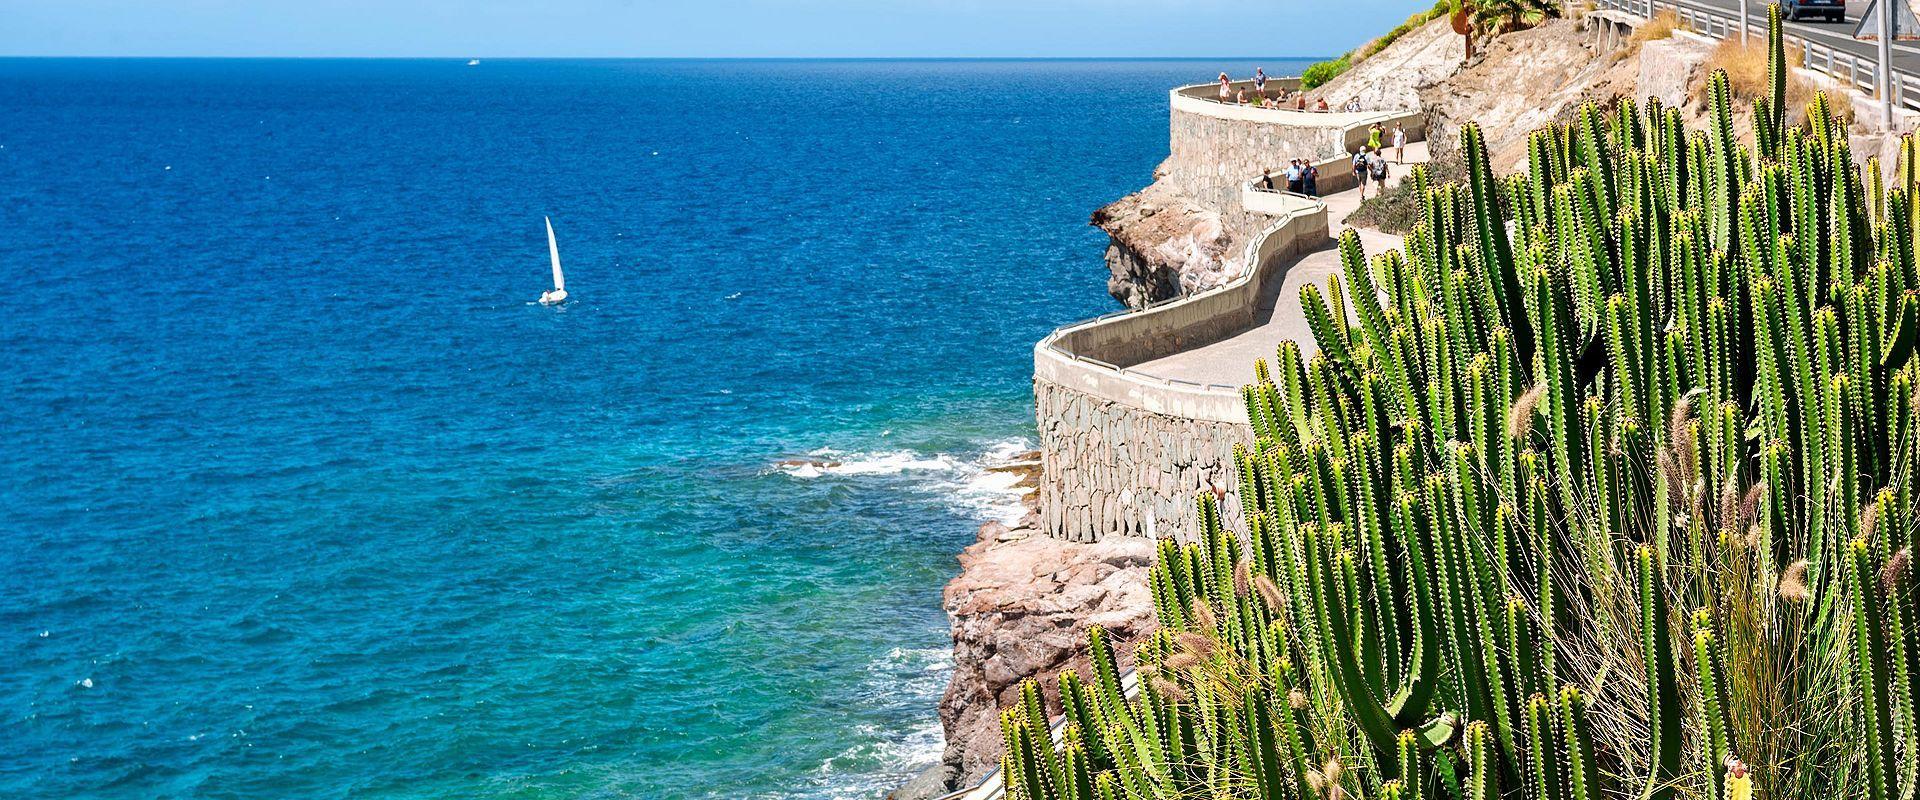 バルセロナ発タンパ着 大西洋横断とカナリア諸島・ココケイクルーズ 14泊15日